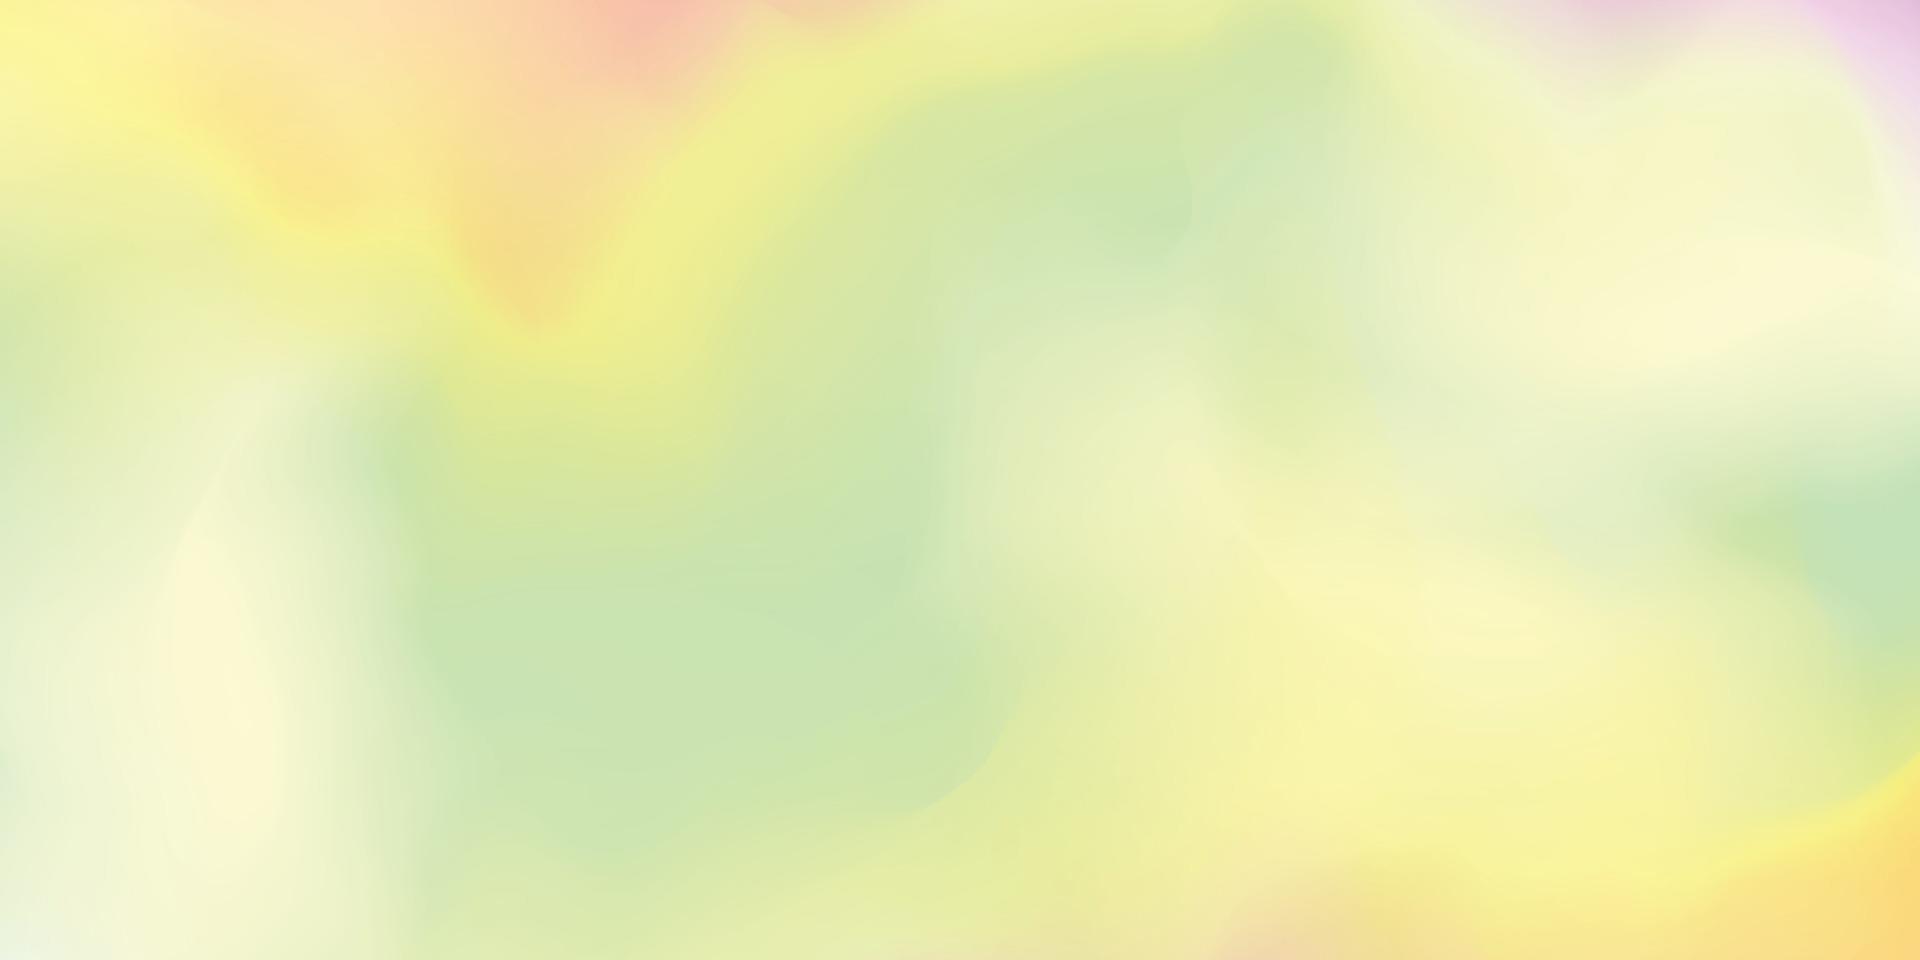 abstract pastel kleurrijk verloop achtergrondconcept voor uw grafisch ontwerp, vector